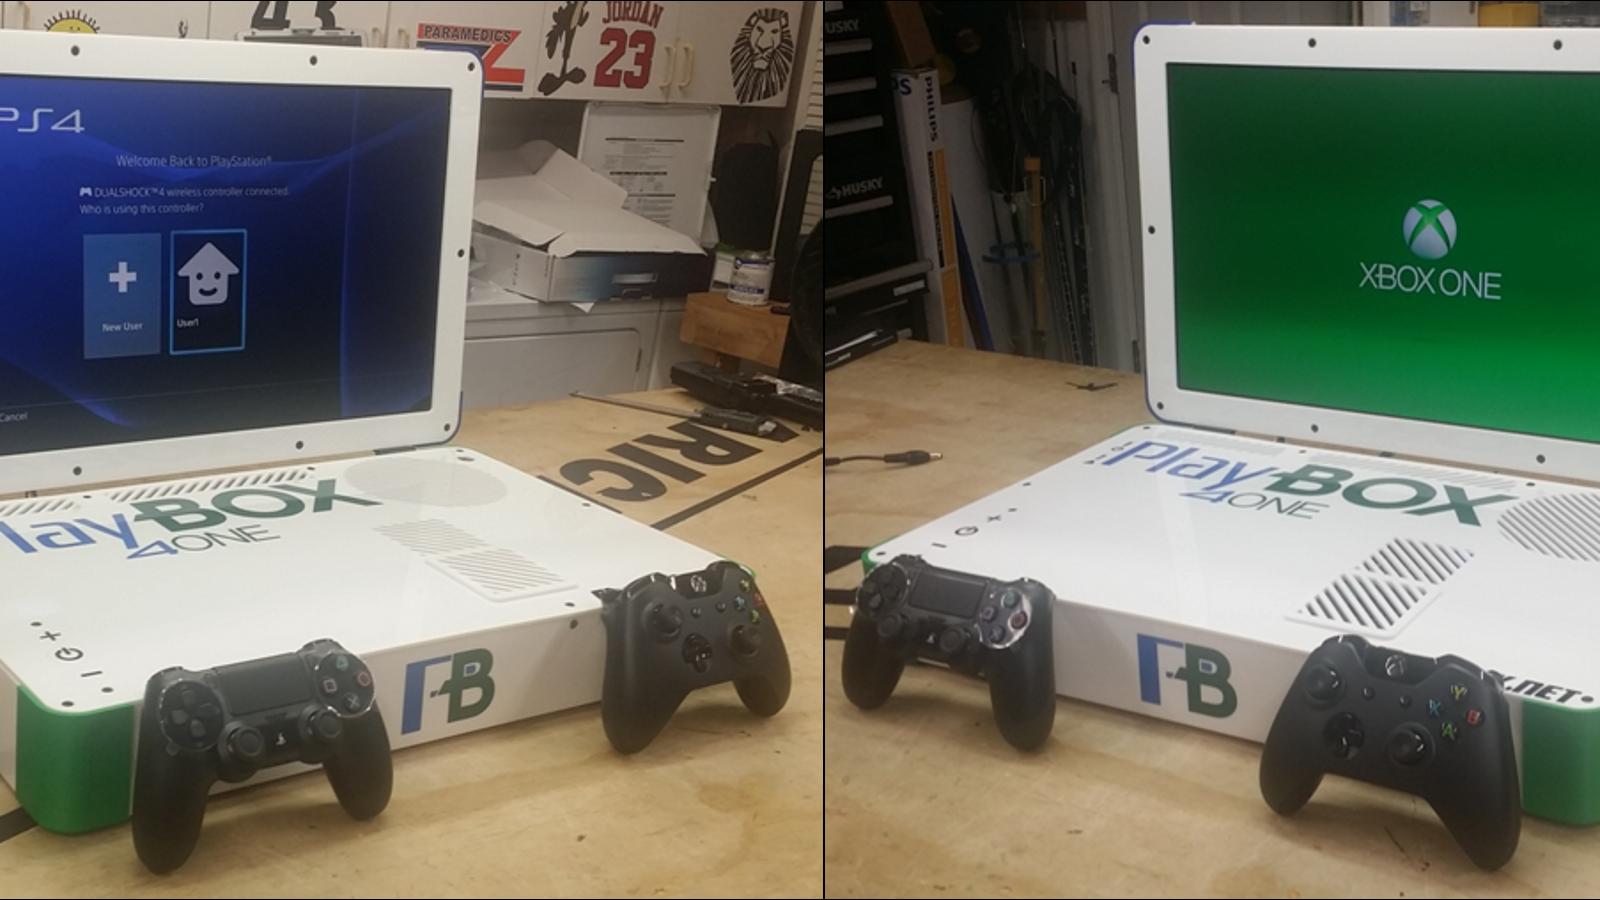 Un modder une la PS4 y Xbox One en un solo portátil. Y funciona